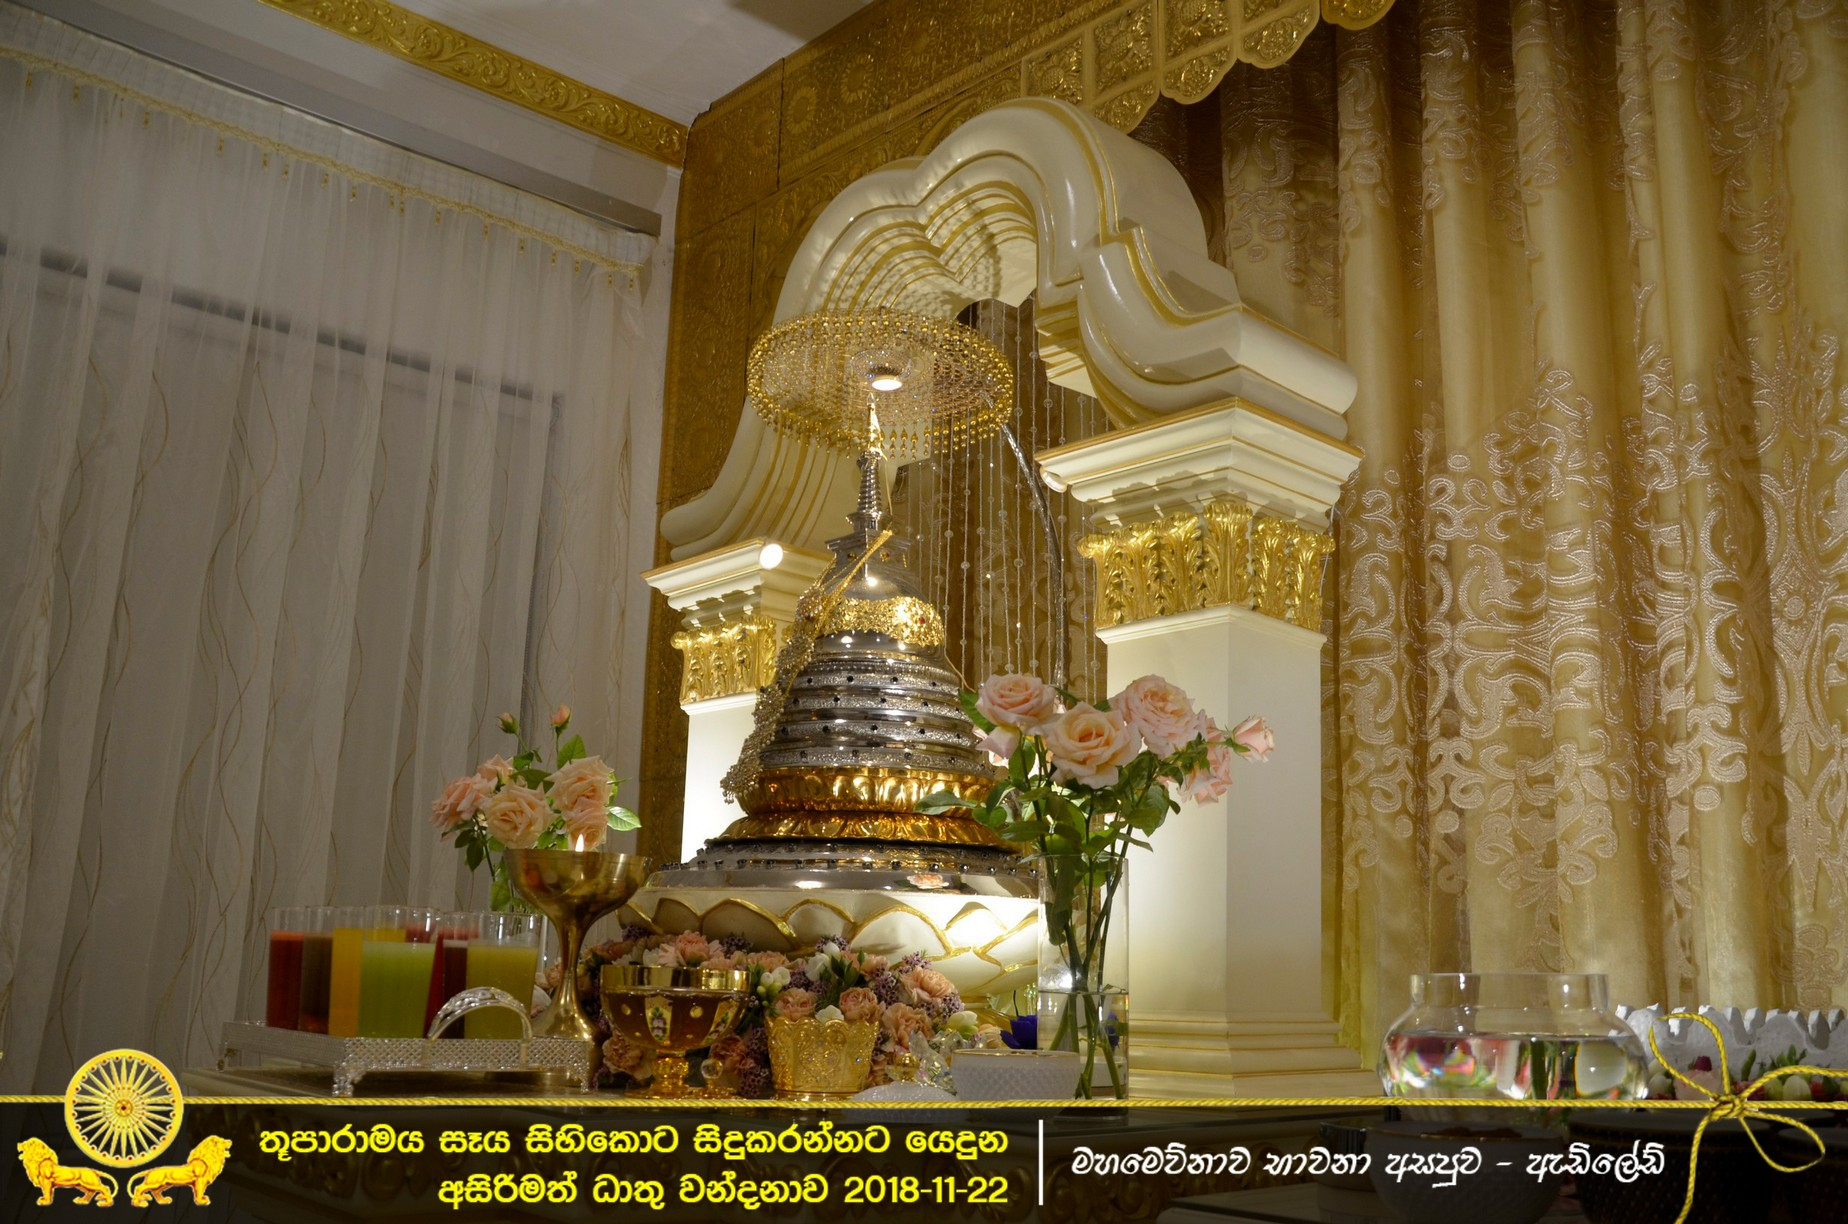 Thuparama057